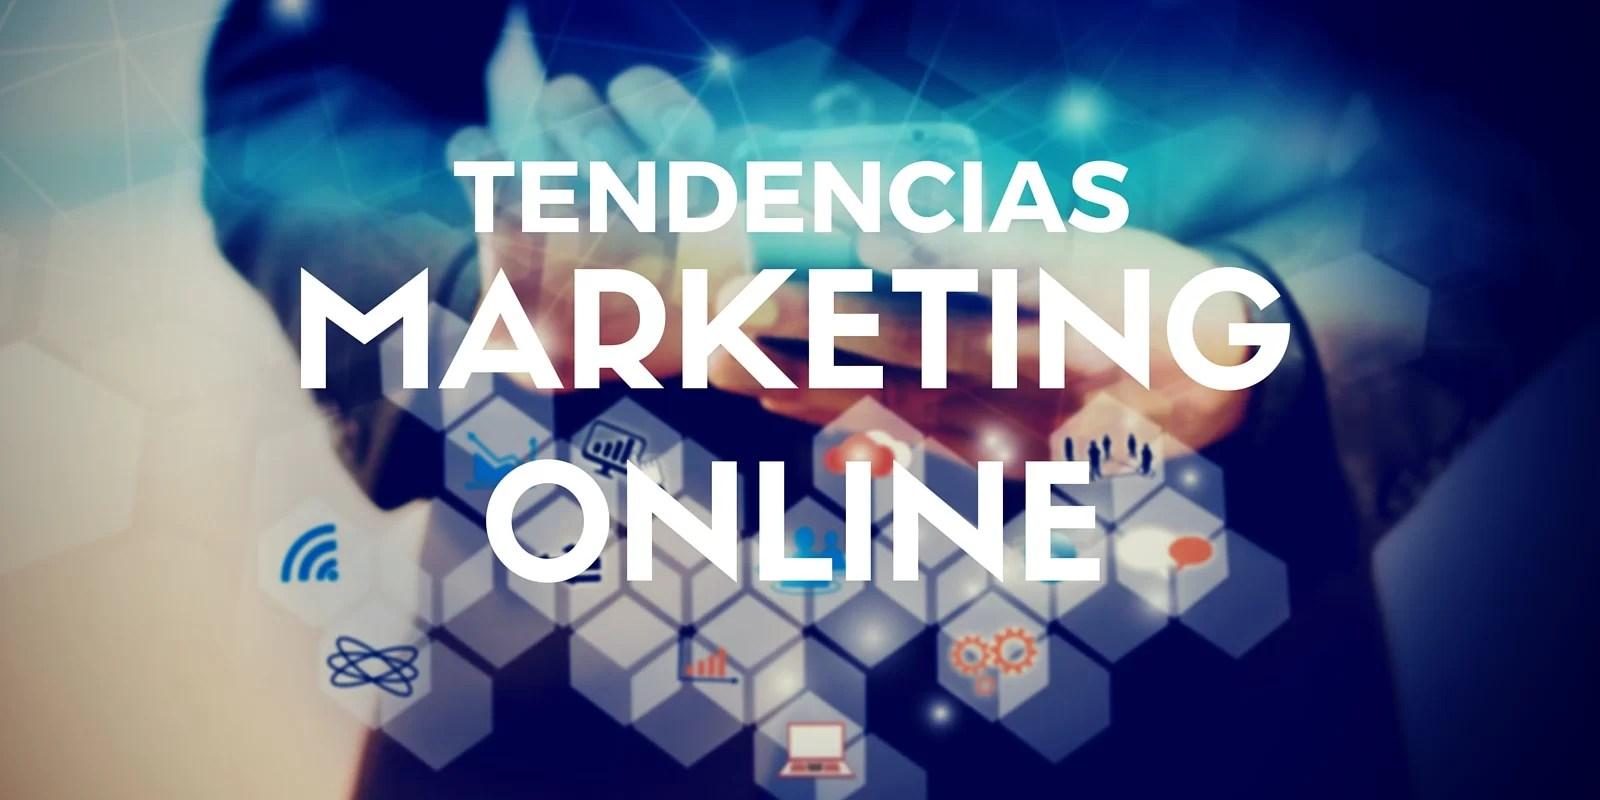 tendencias marketing